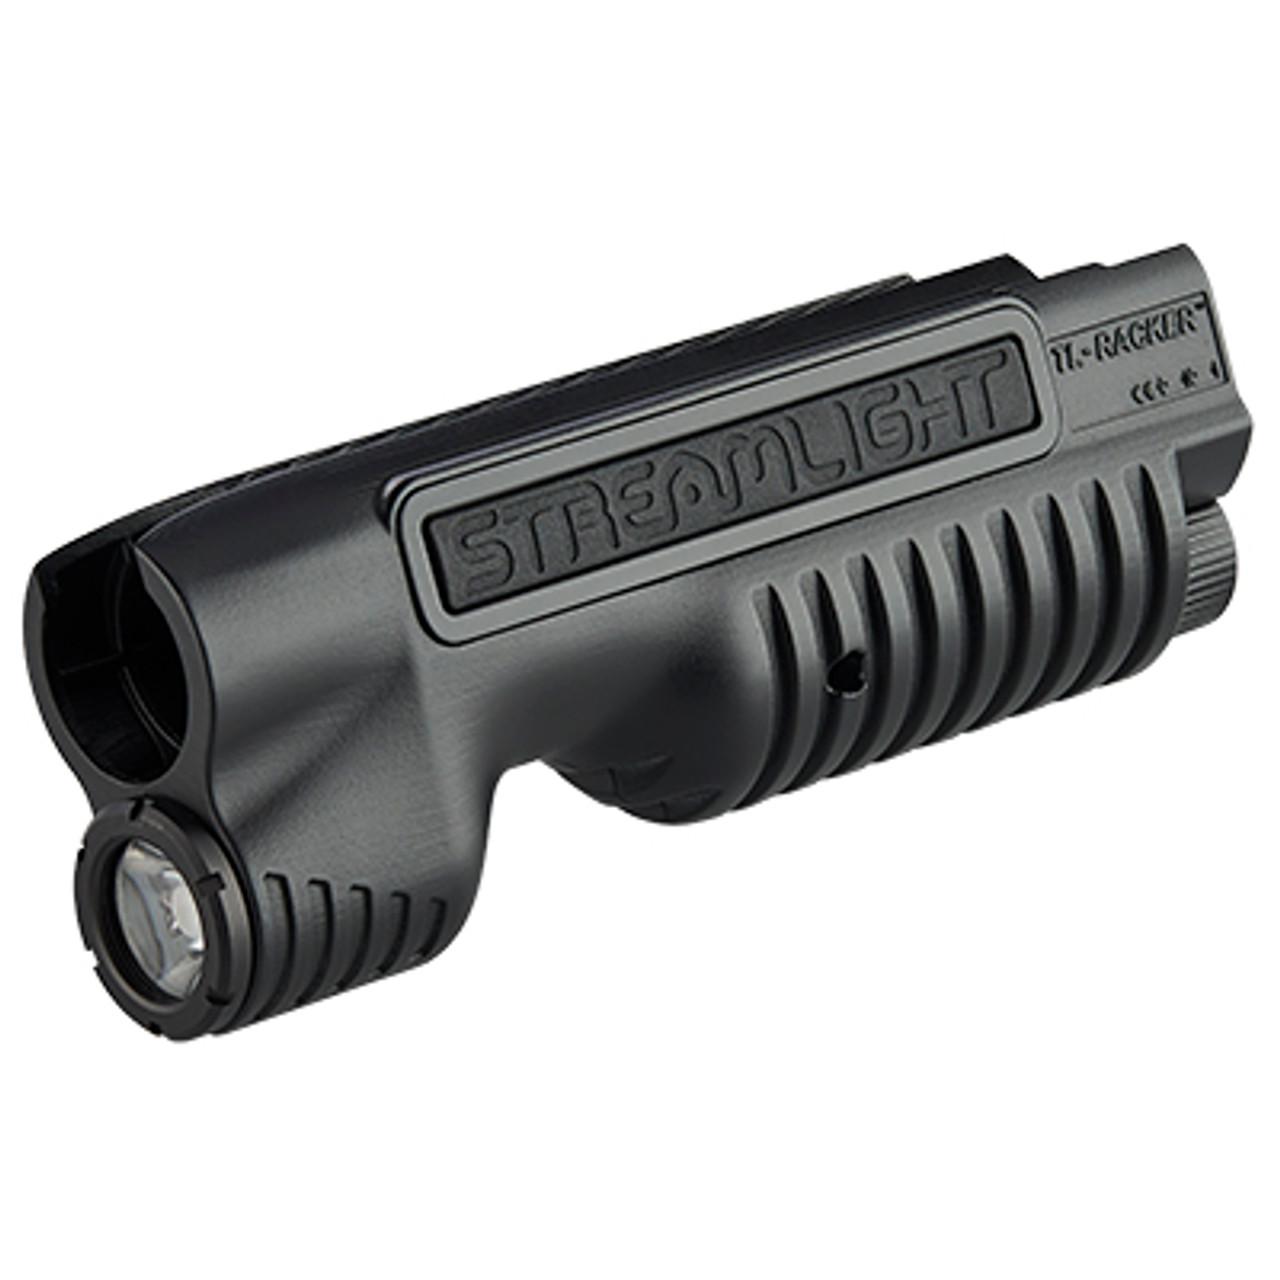 Streamlight - TL-RACKER® SHOTGUN FOREND LIGHT for Mossberg 500 or 590